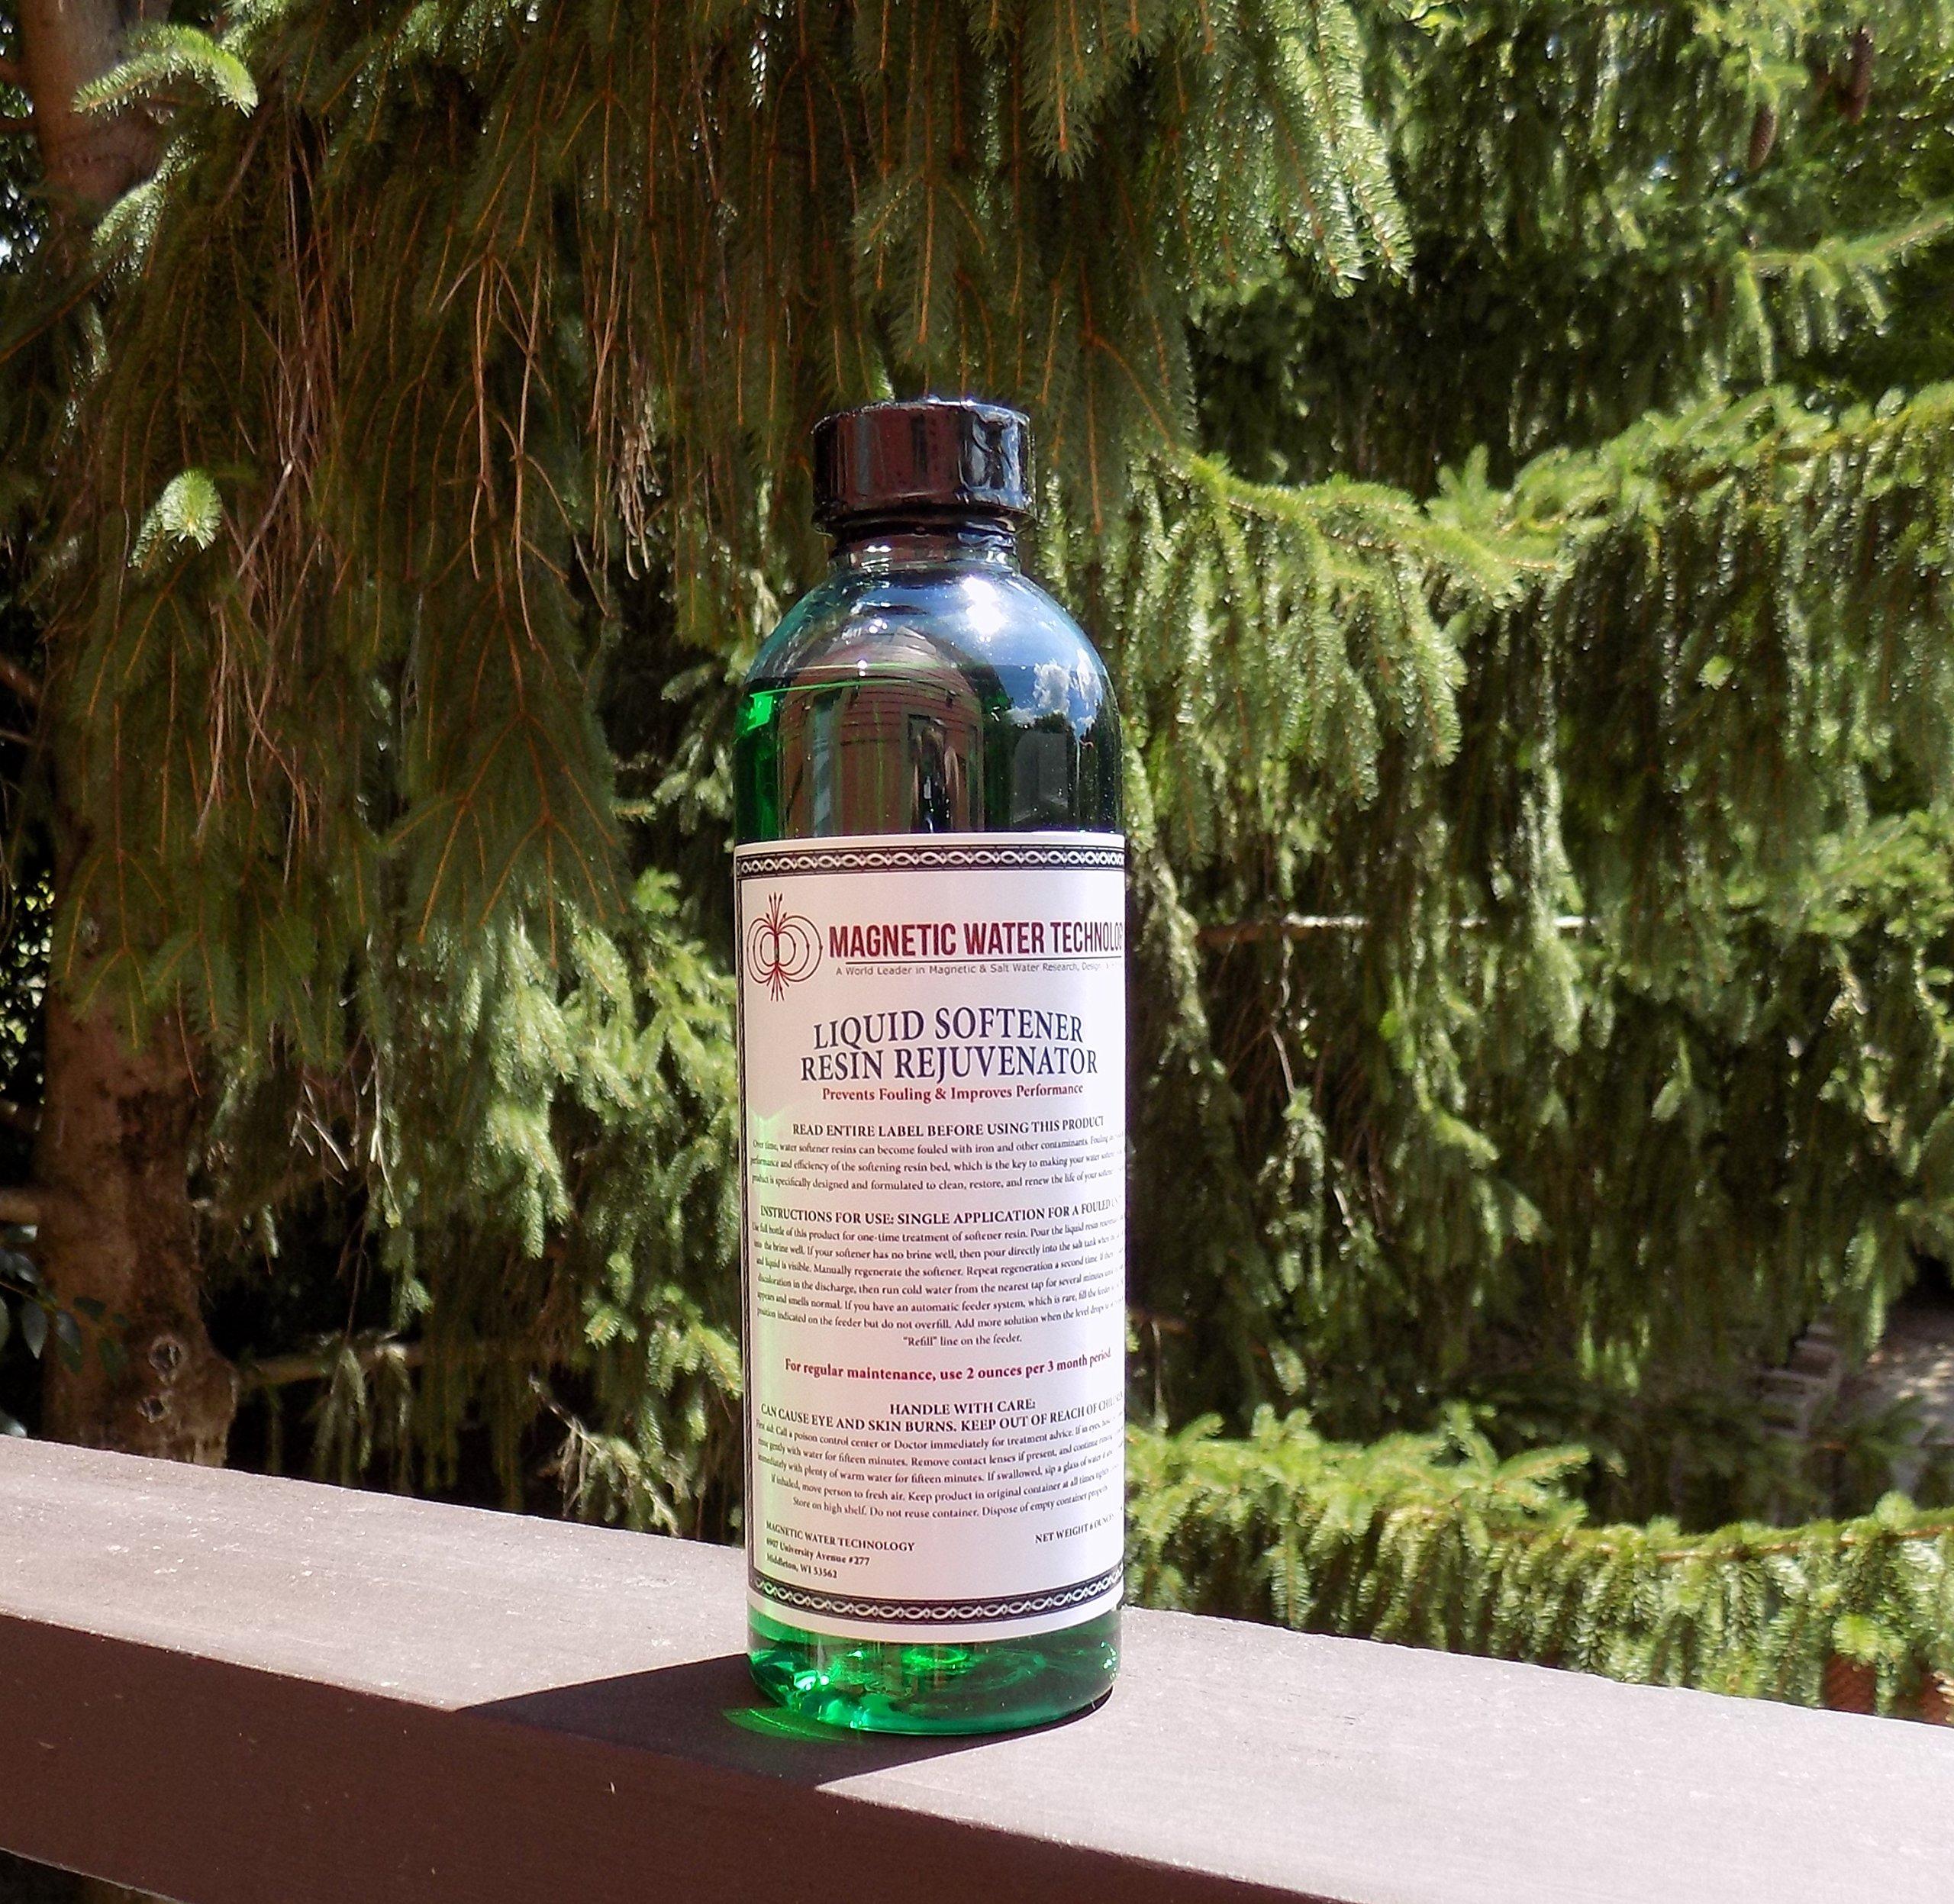 Water Softener Repair Resin Restorer and Cleaner